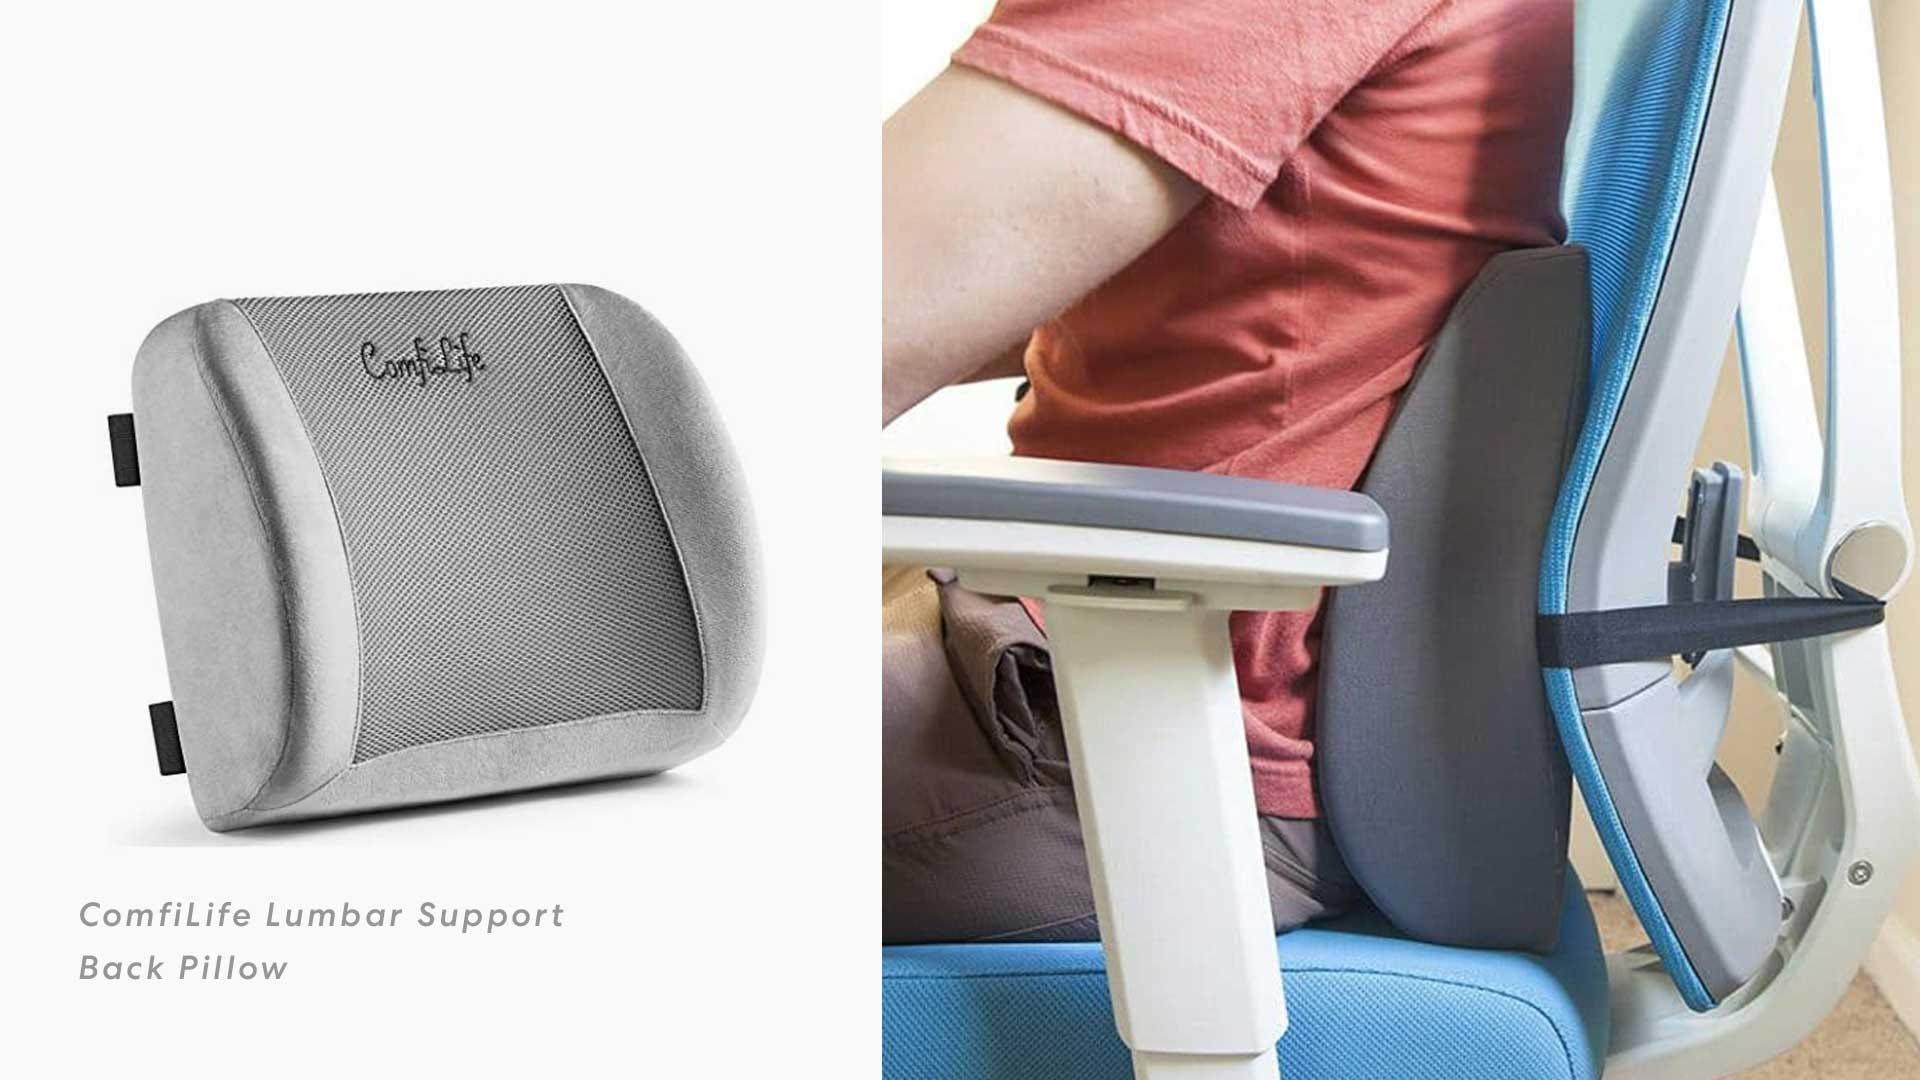 5 best lumbar support pillows for back